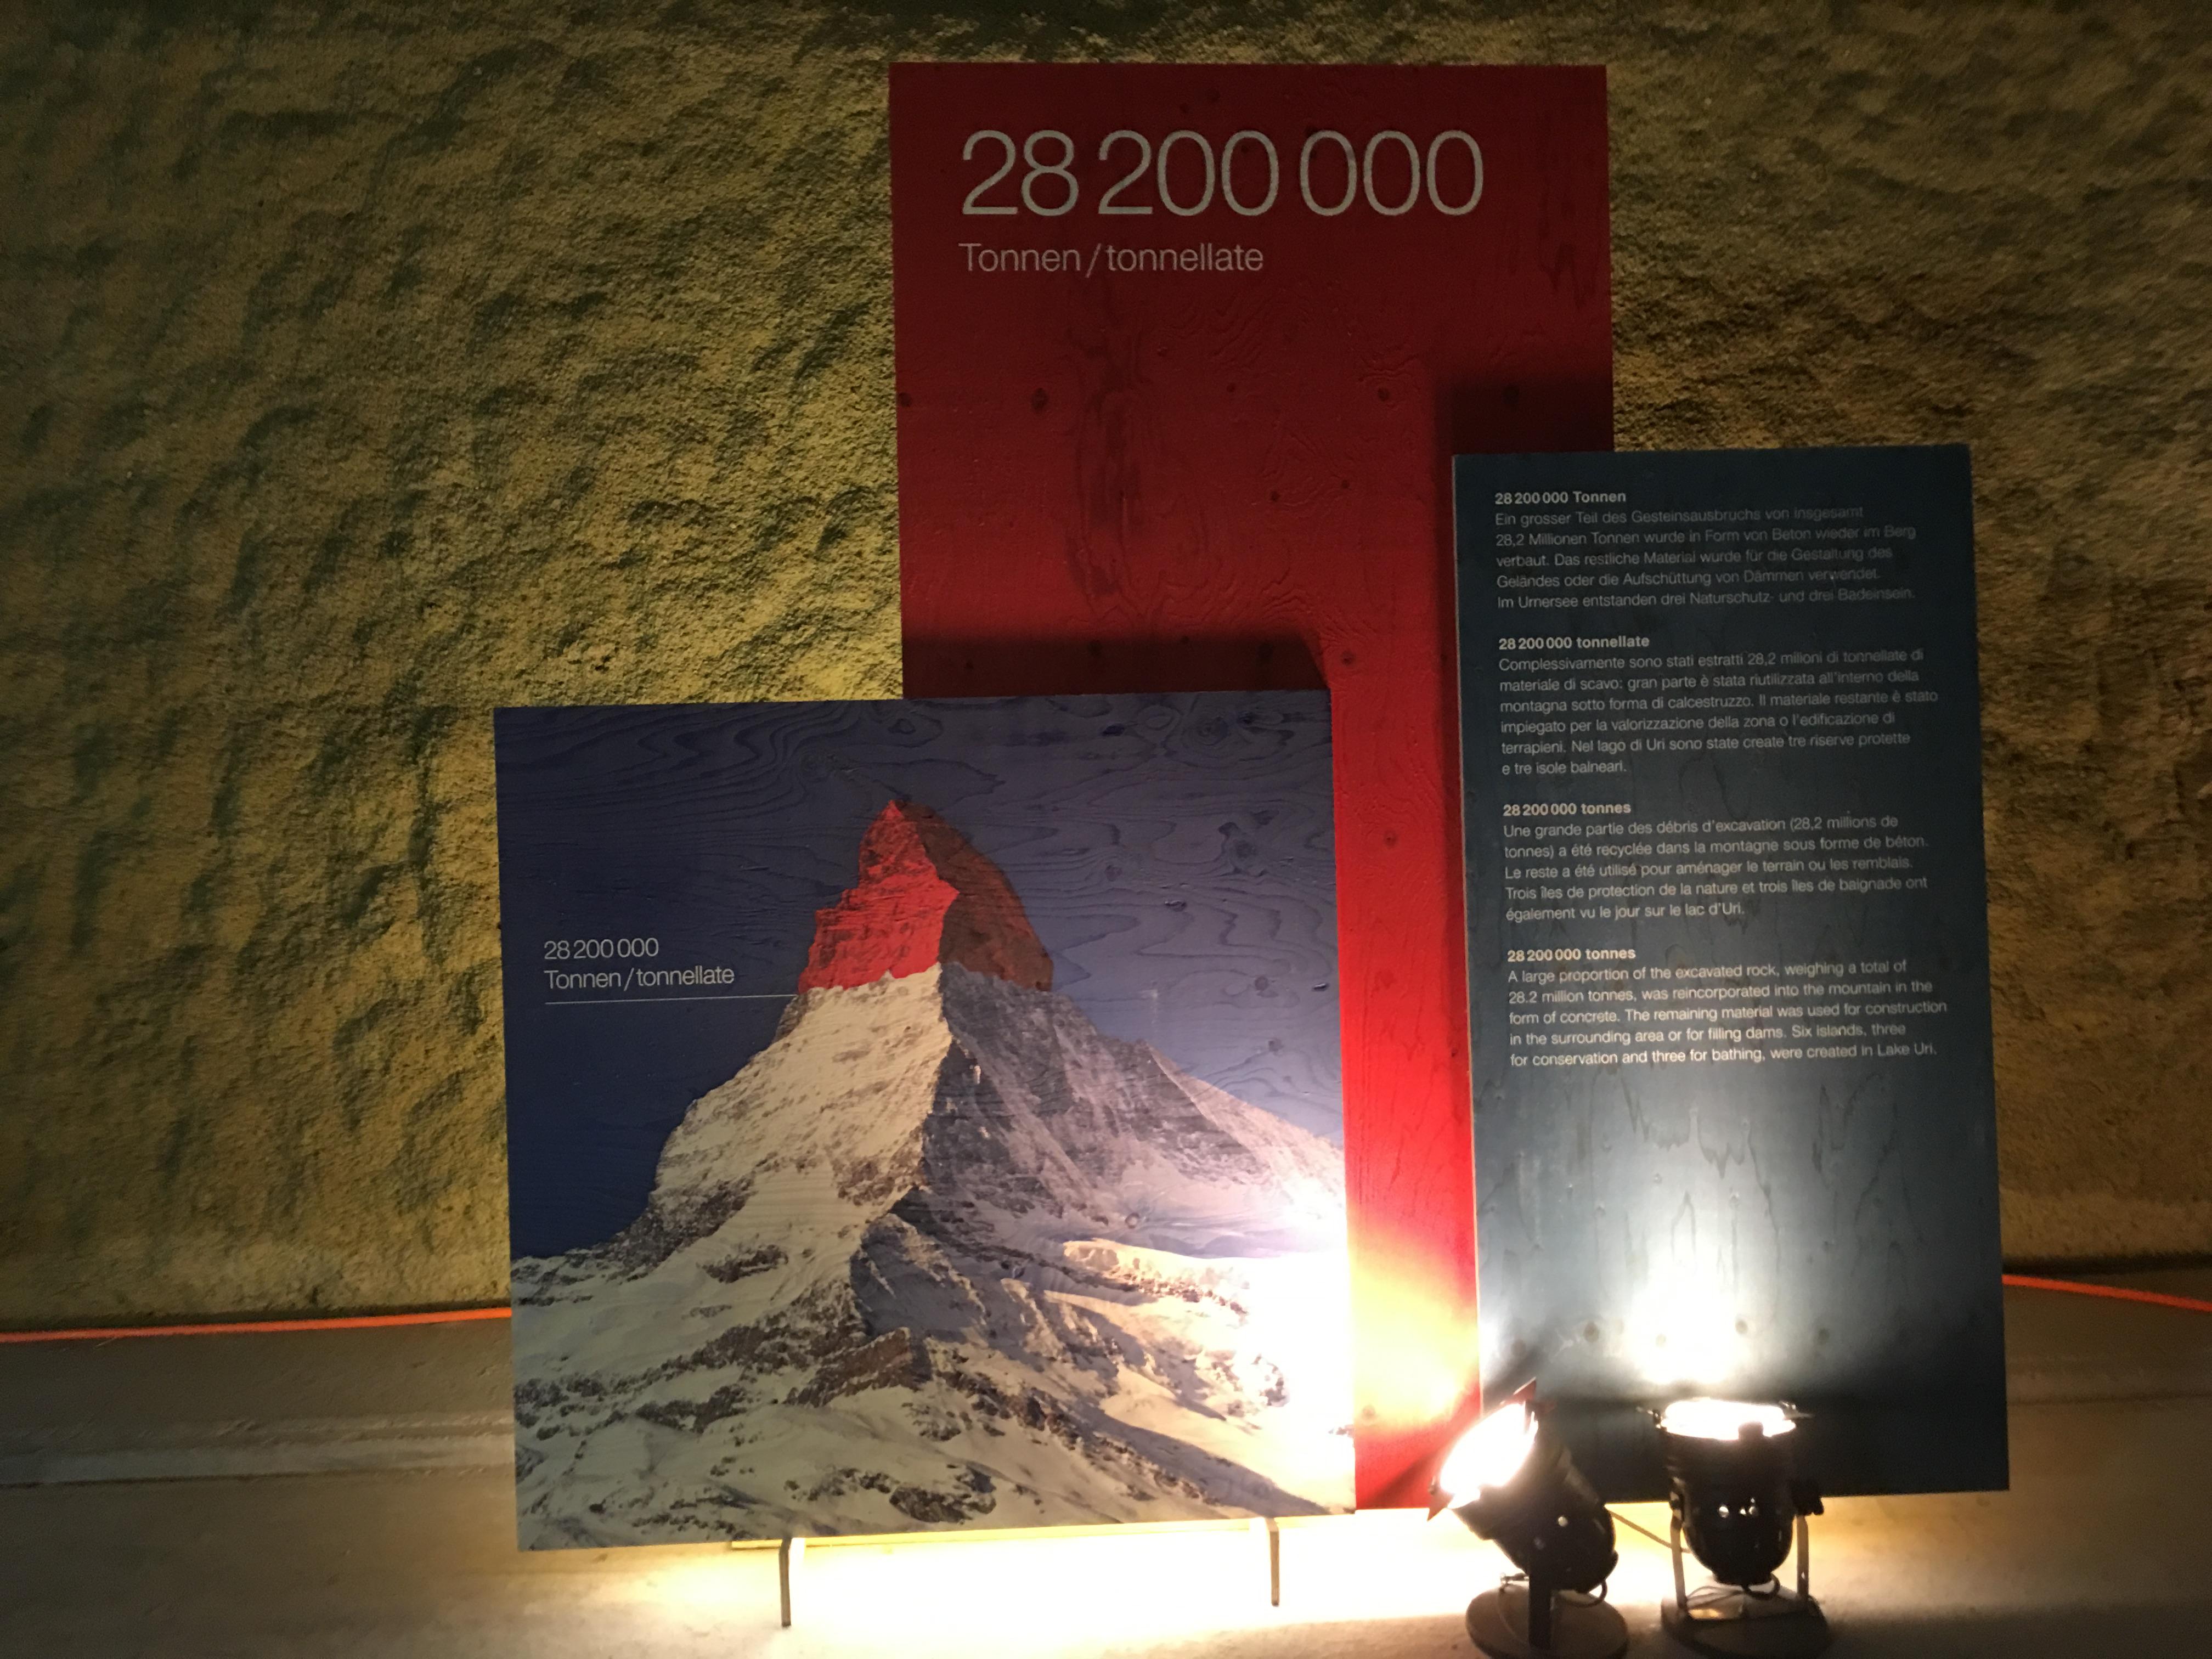 Felsmaterial in der Grösse der Spitze des Matterhorns wurde für den Bau des Gotthard-Basistunnels ausgebrochen.